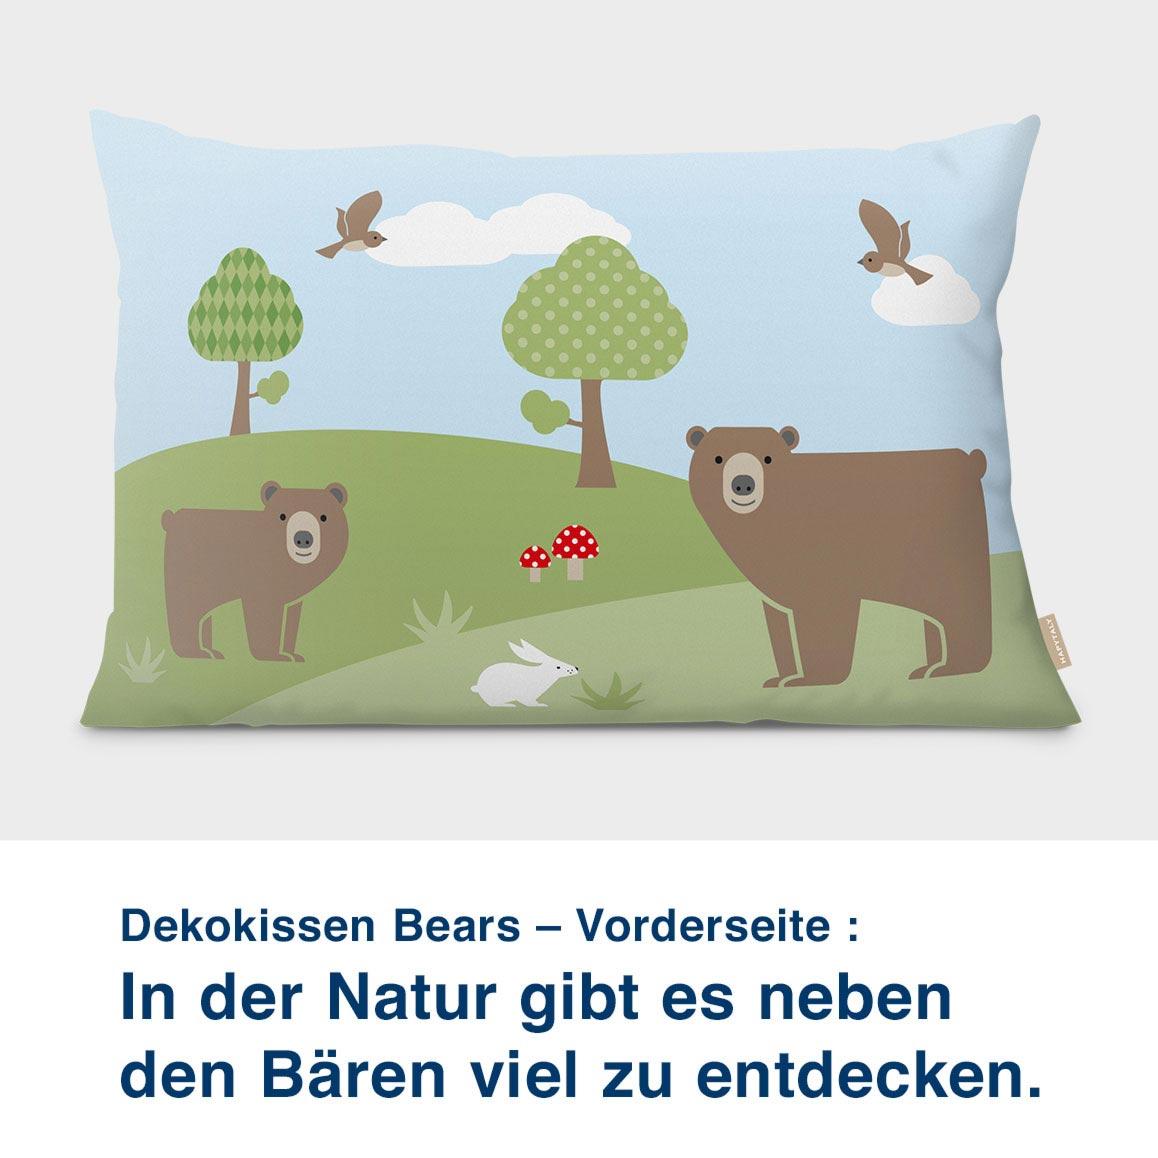 Dekokissen Bears – Vorderseite :  In der Natur gibt es neben  den Bären viel zu entdecken.